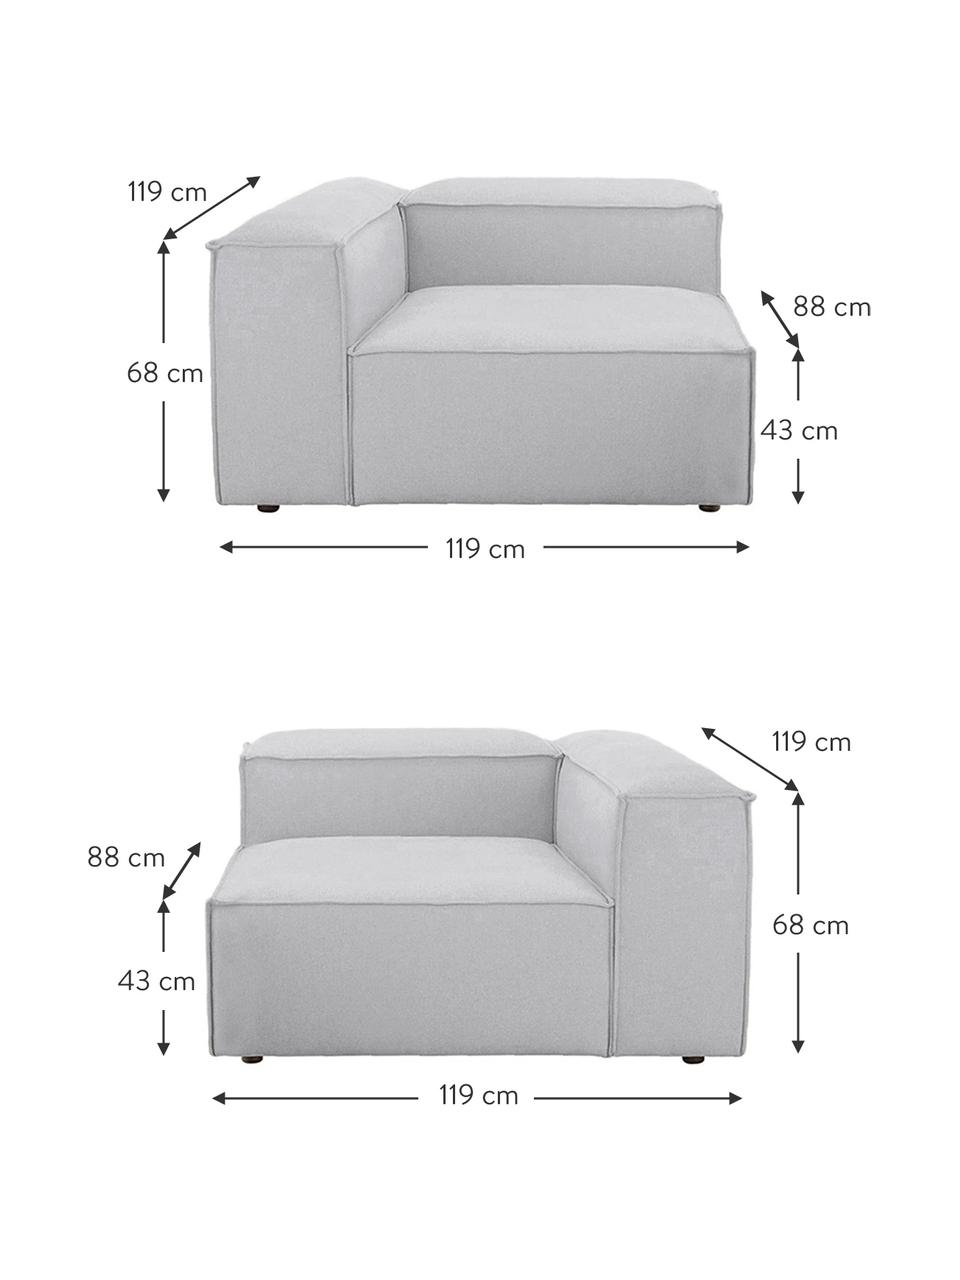 Sofa modułowa Lennon (3-osobowa), Tapicerka: poliester Dzięki tkaninie, Stelaż: lite drewno sosnowe, skle, Nogi: tworzywo sztuczne Nogi zn, Jasny szary, S 238 x G 119 cm